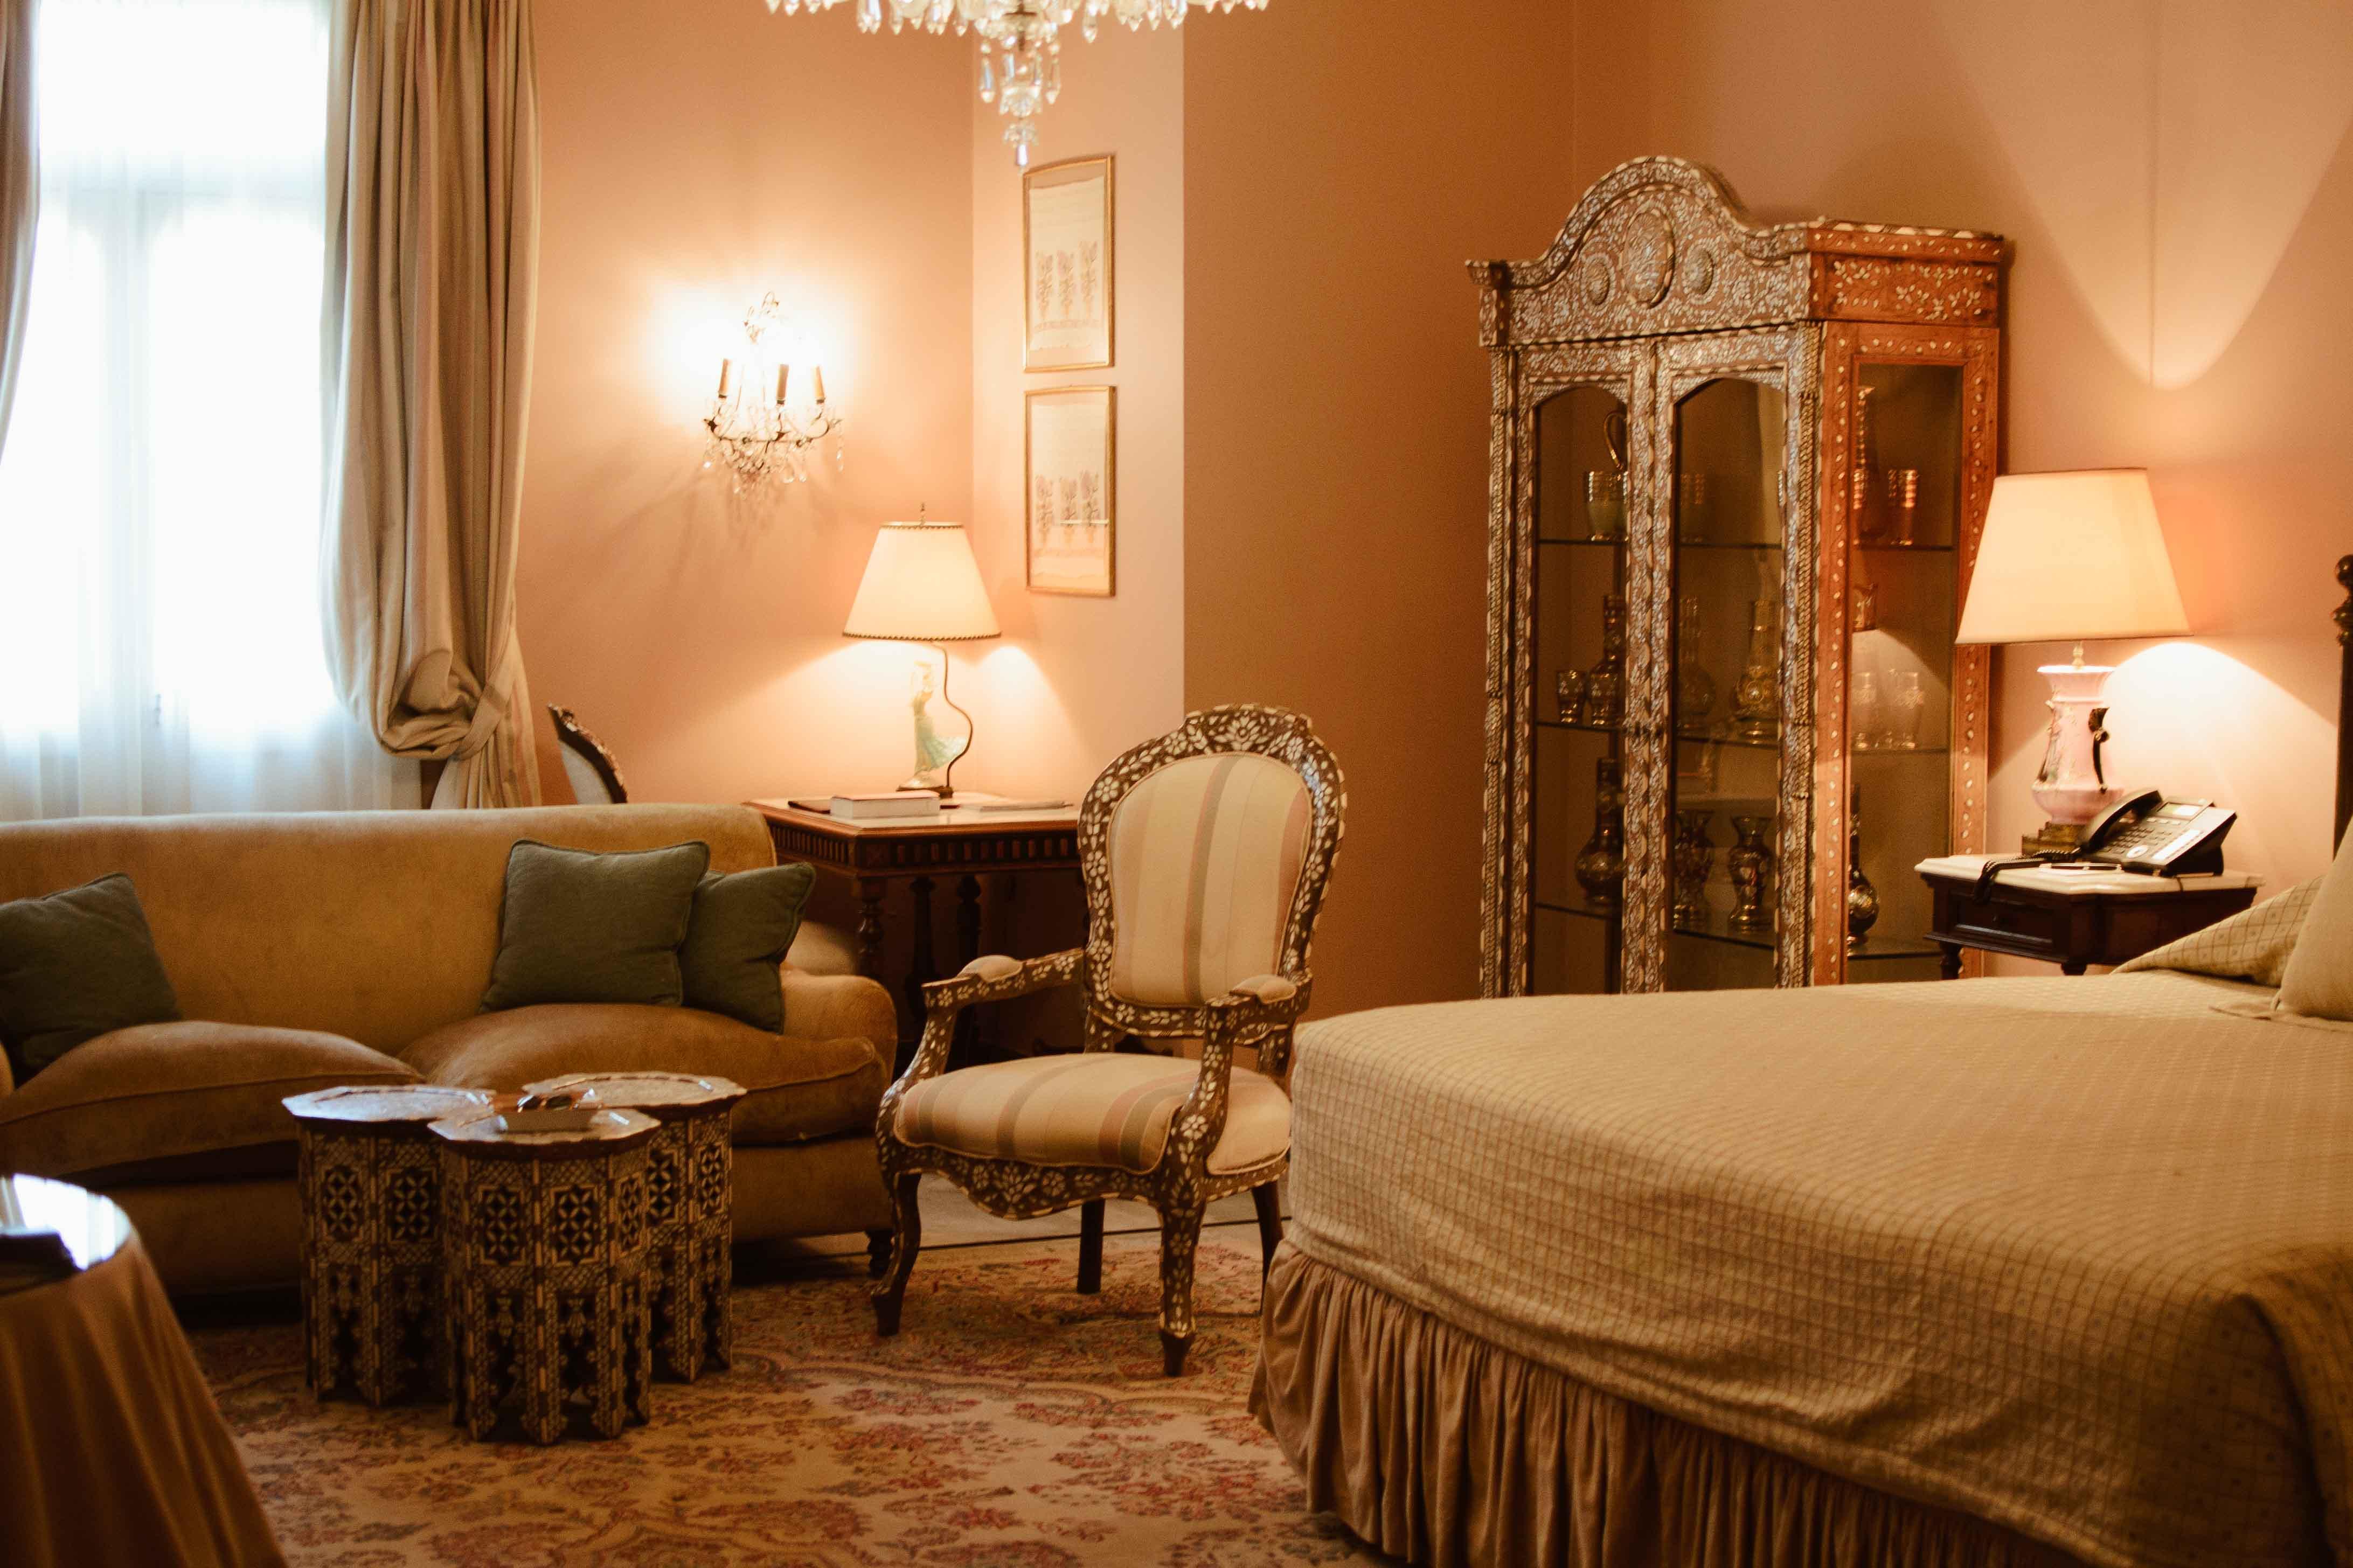 Hotel Albergo room